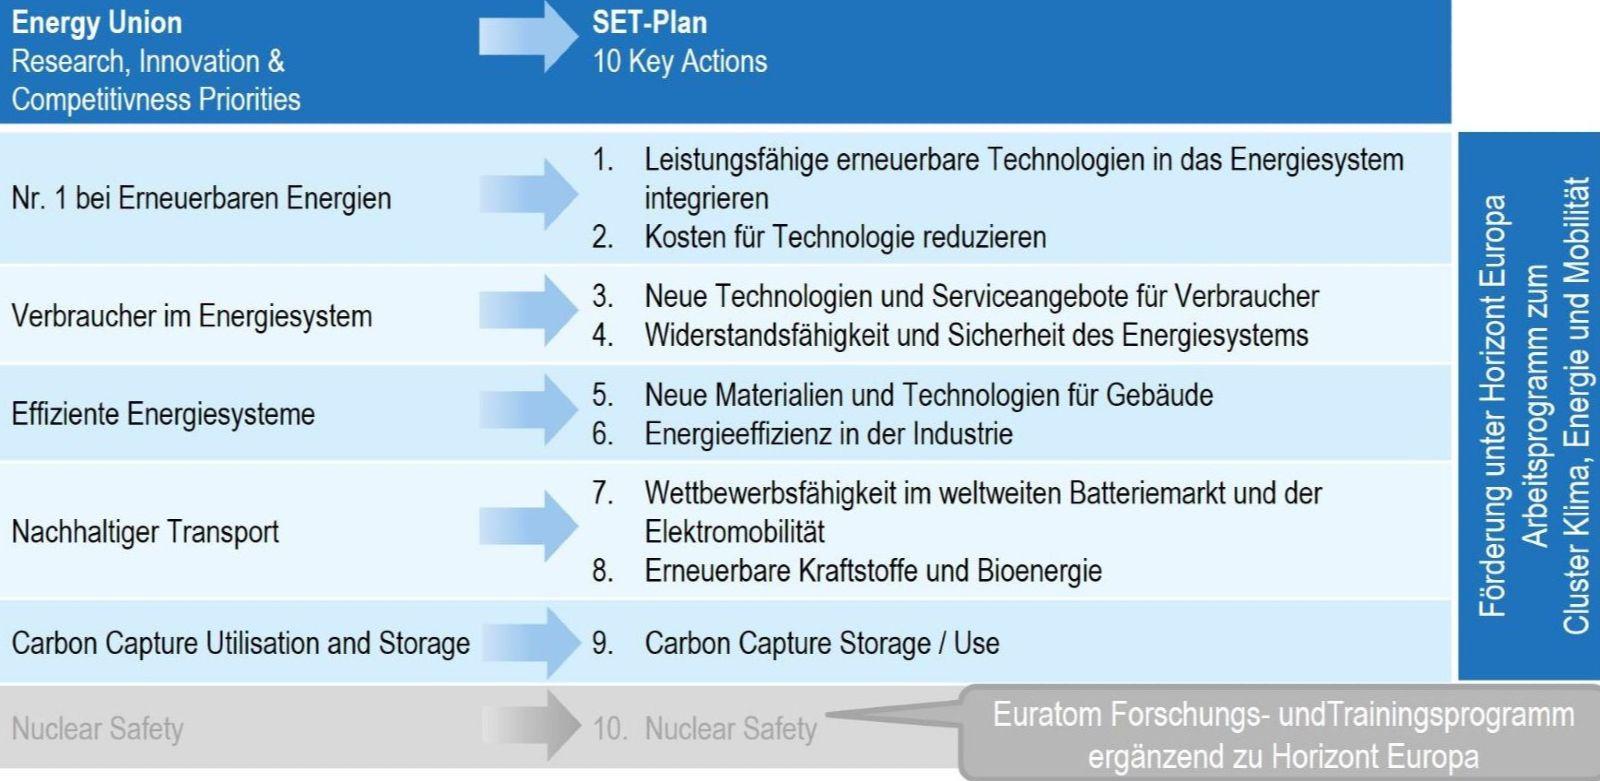 Grafik, die zeigt, wie sich die zehn key actions des SET-Plan von den Research, Innovation and Competitiveness Priorities der Energy Union ableiten.